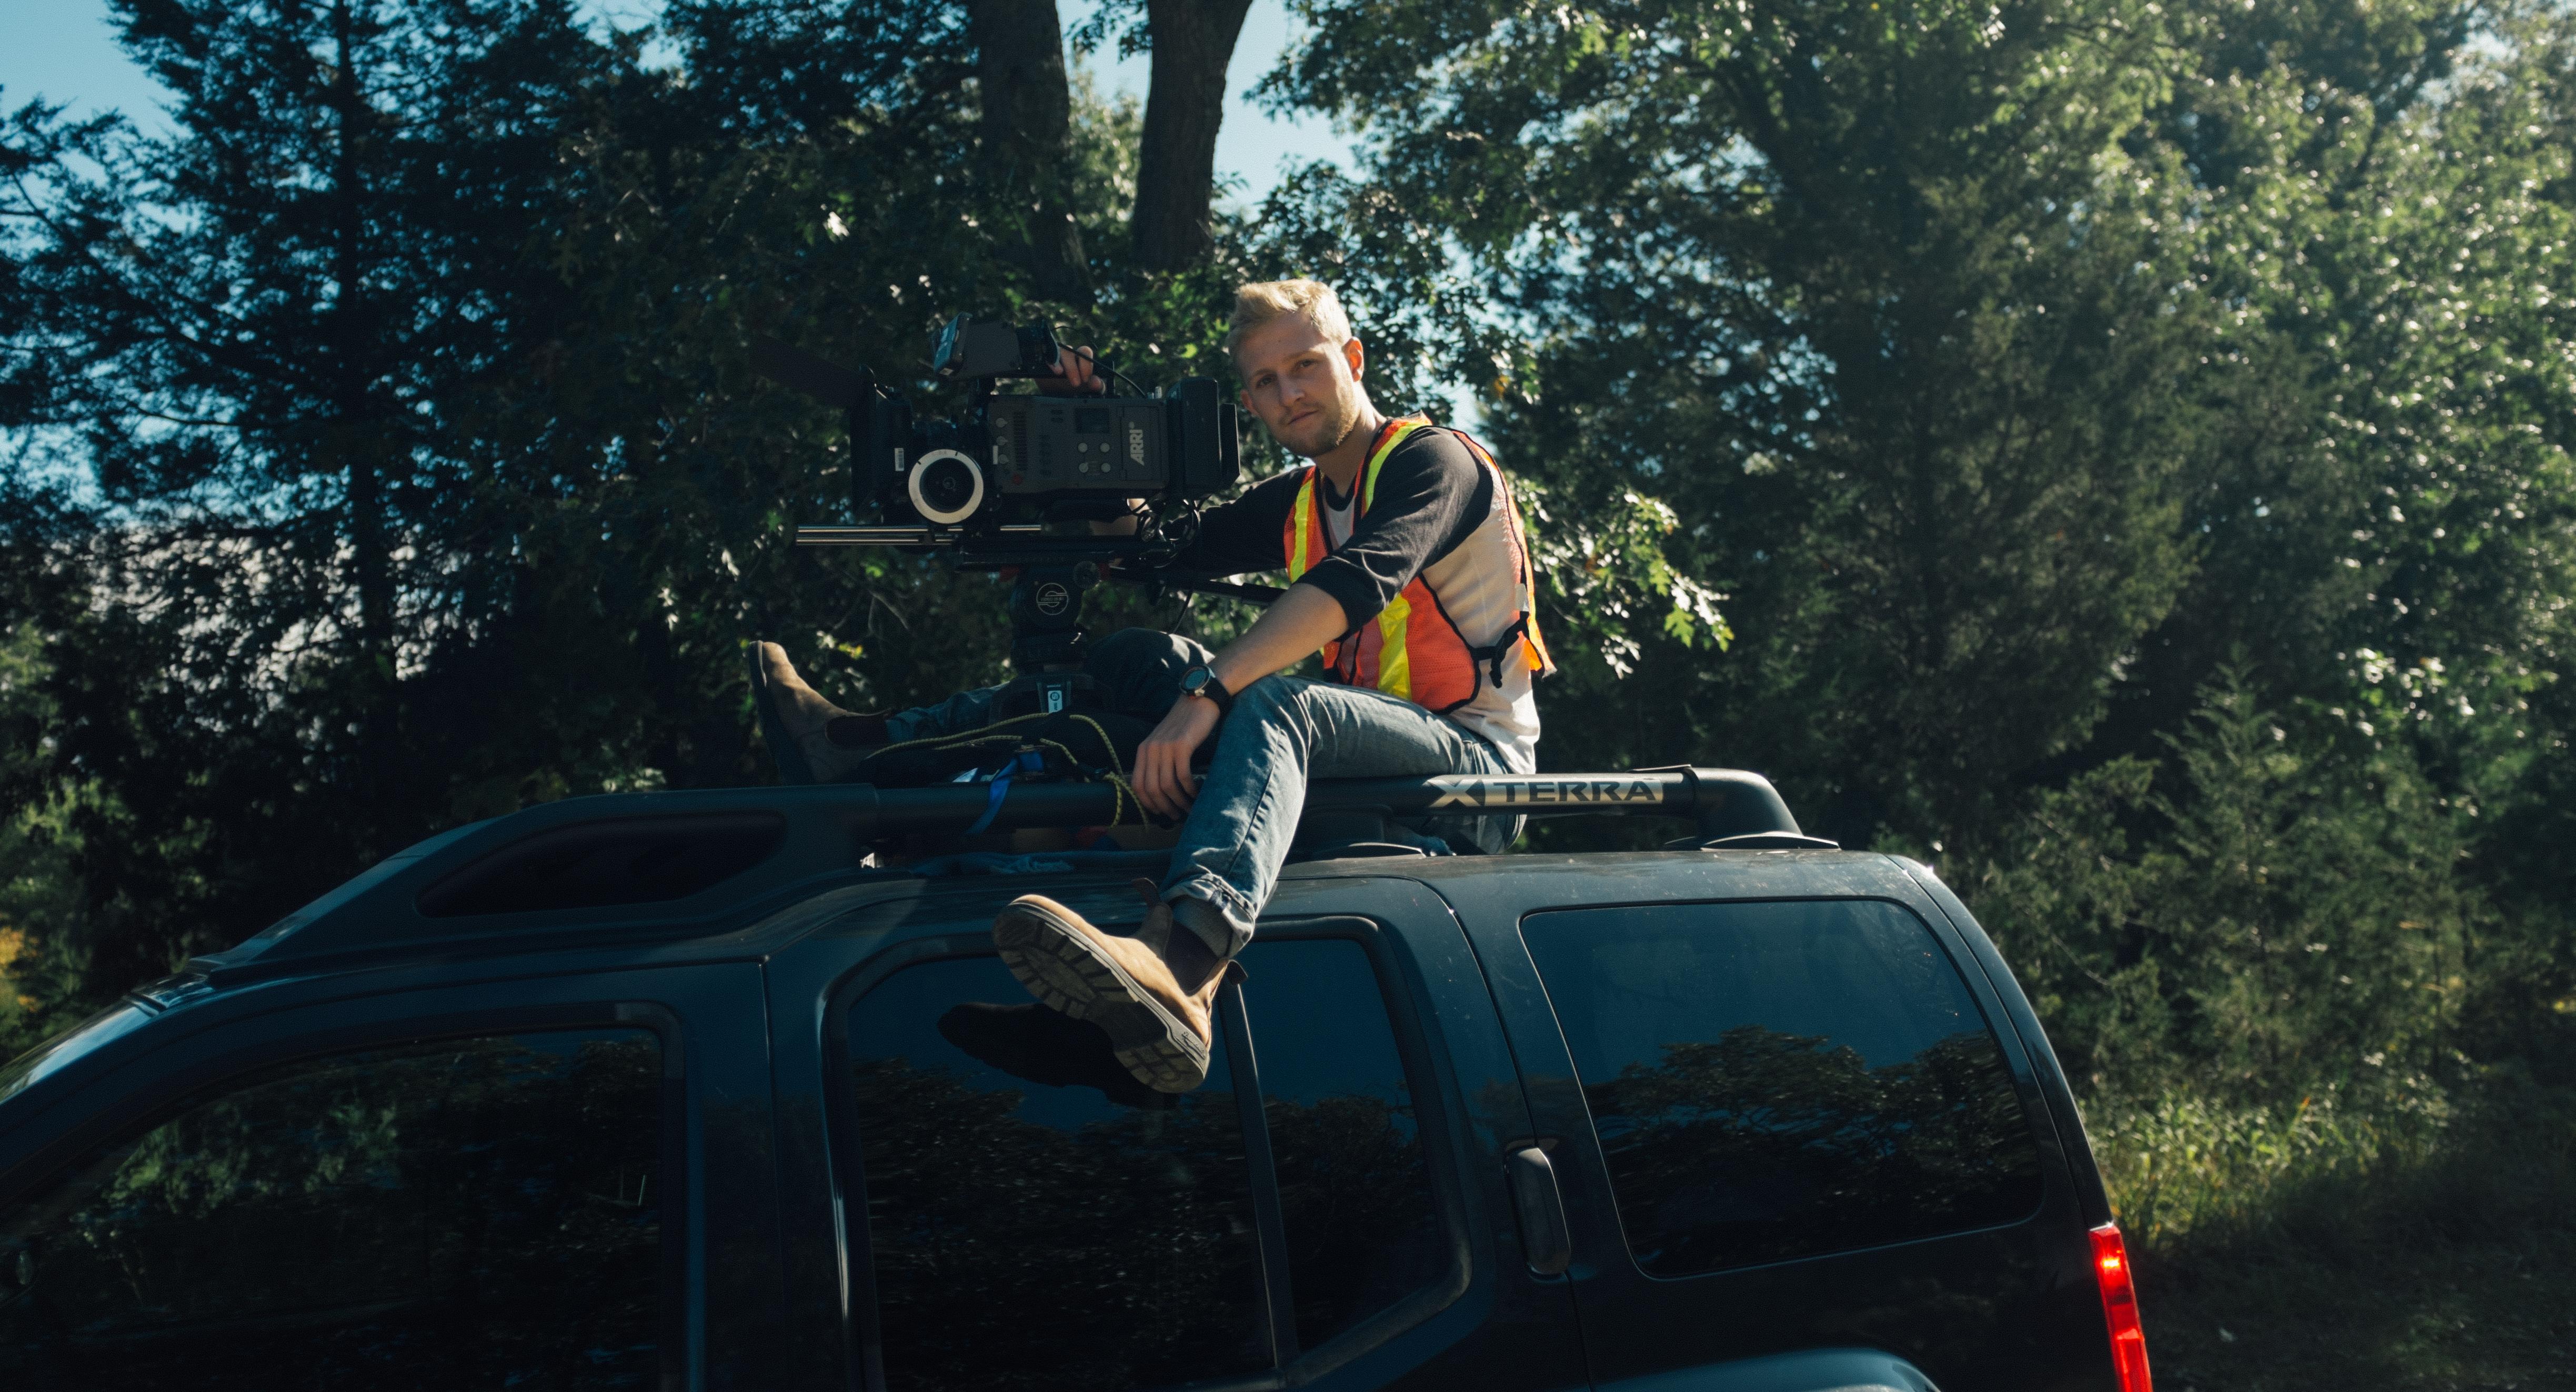 Cinematographer Filip Funk